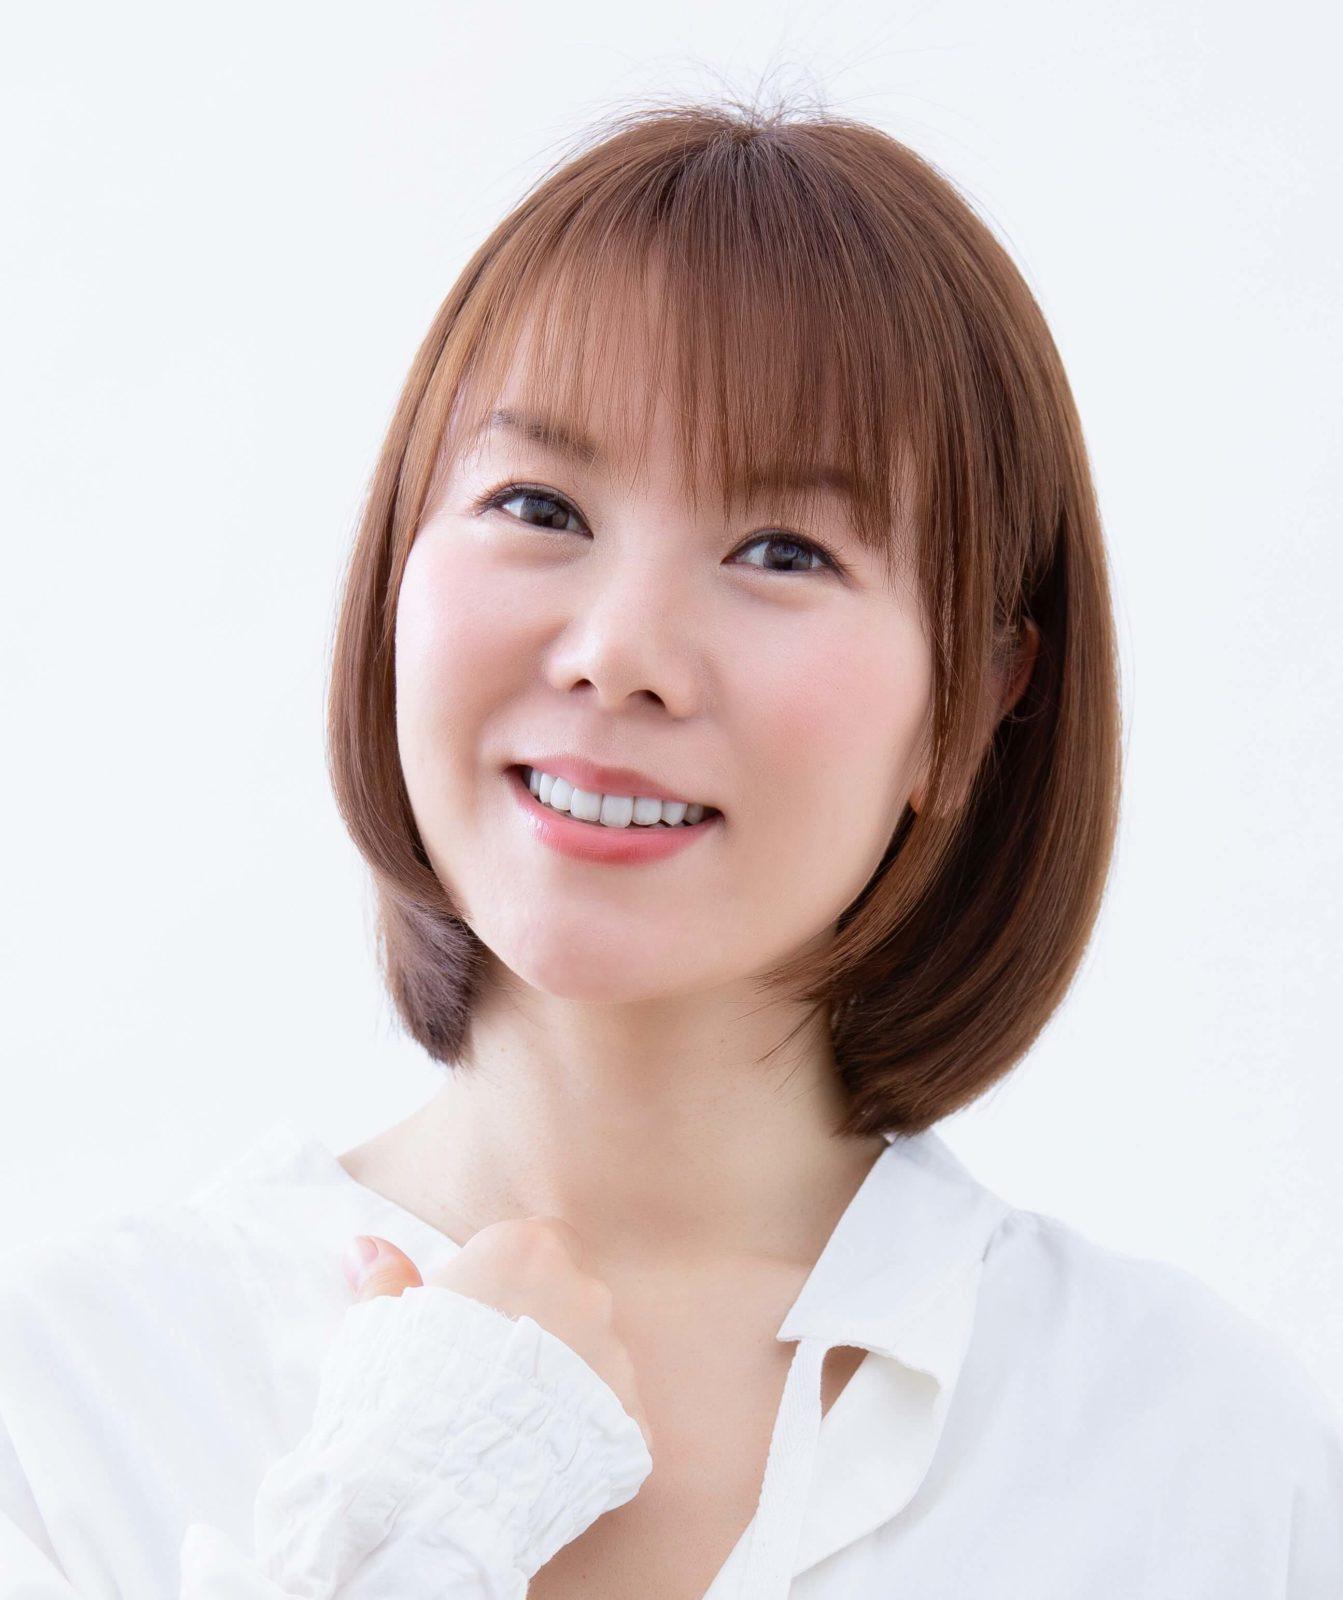 半崎美子、母の偉大さを讃えたニューシングル「母へ」収録詳細、新アー写・ジャケ写公開サムネイル画像